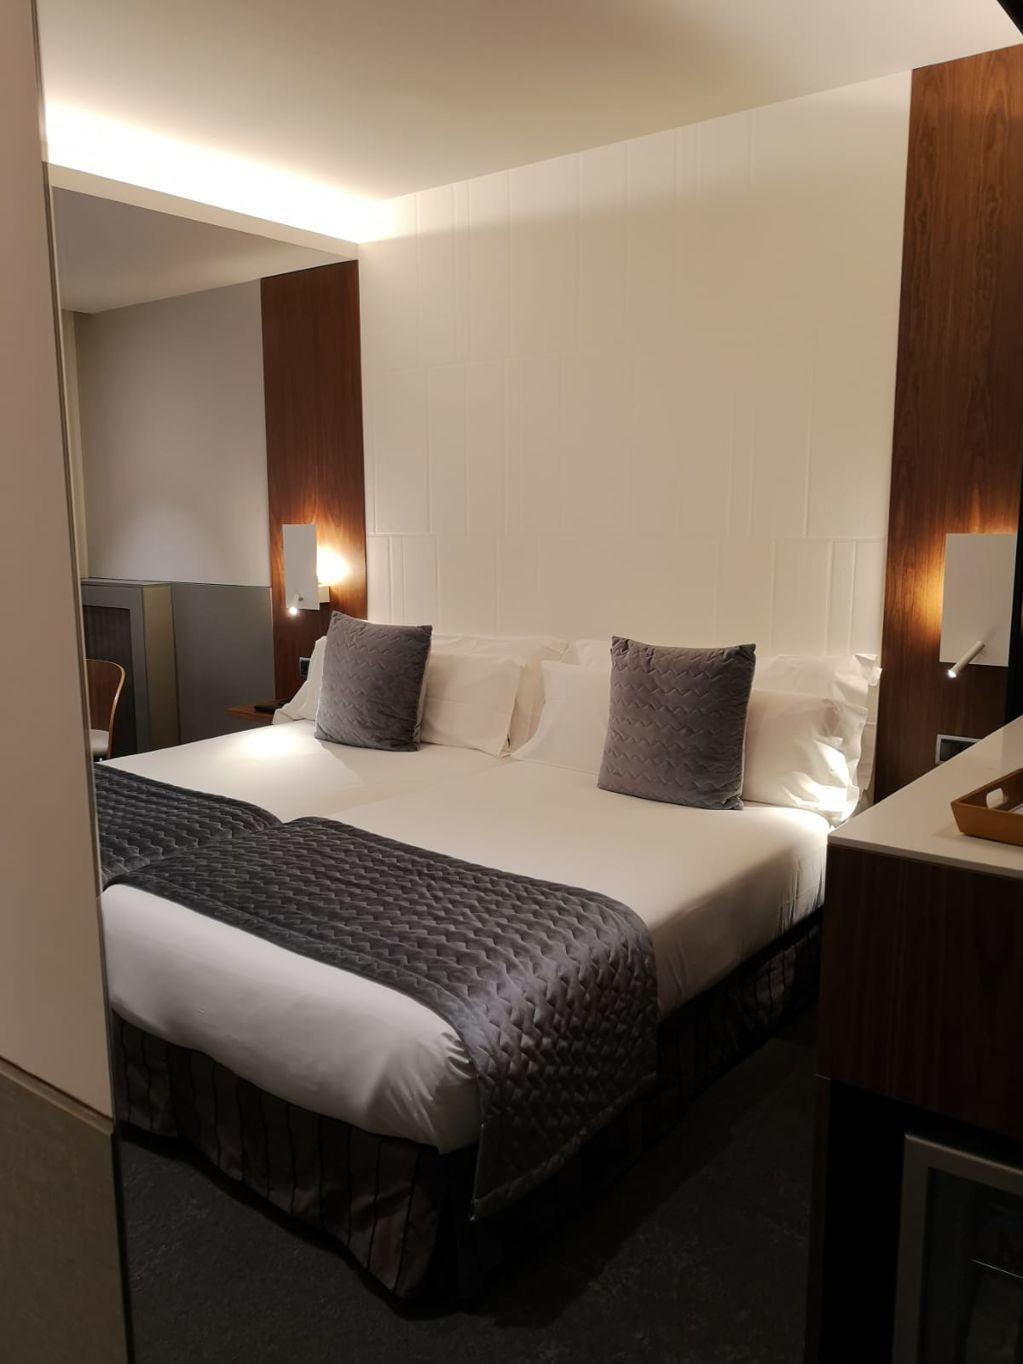 Hotel Dante, Barcelona - 5e05b-75de64a6-d49f-4555-8839-533927e5f8e8.JPG